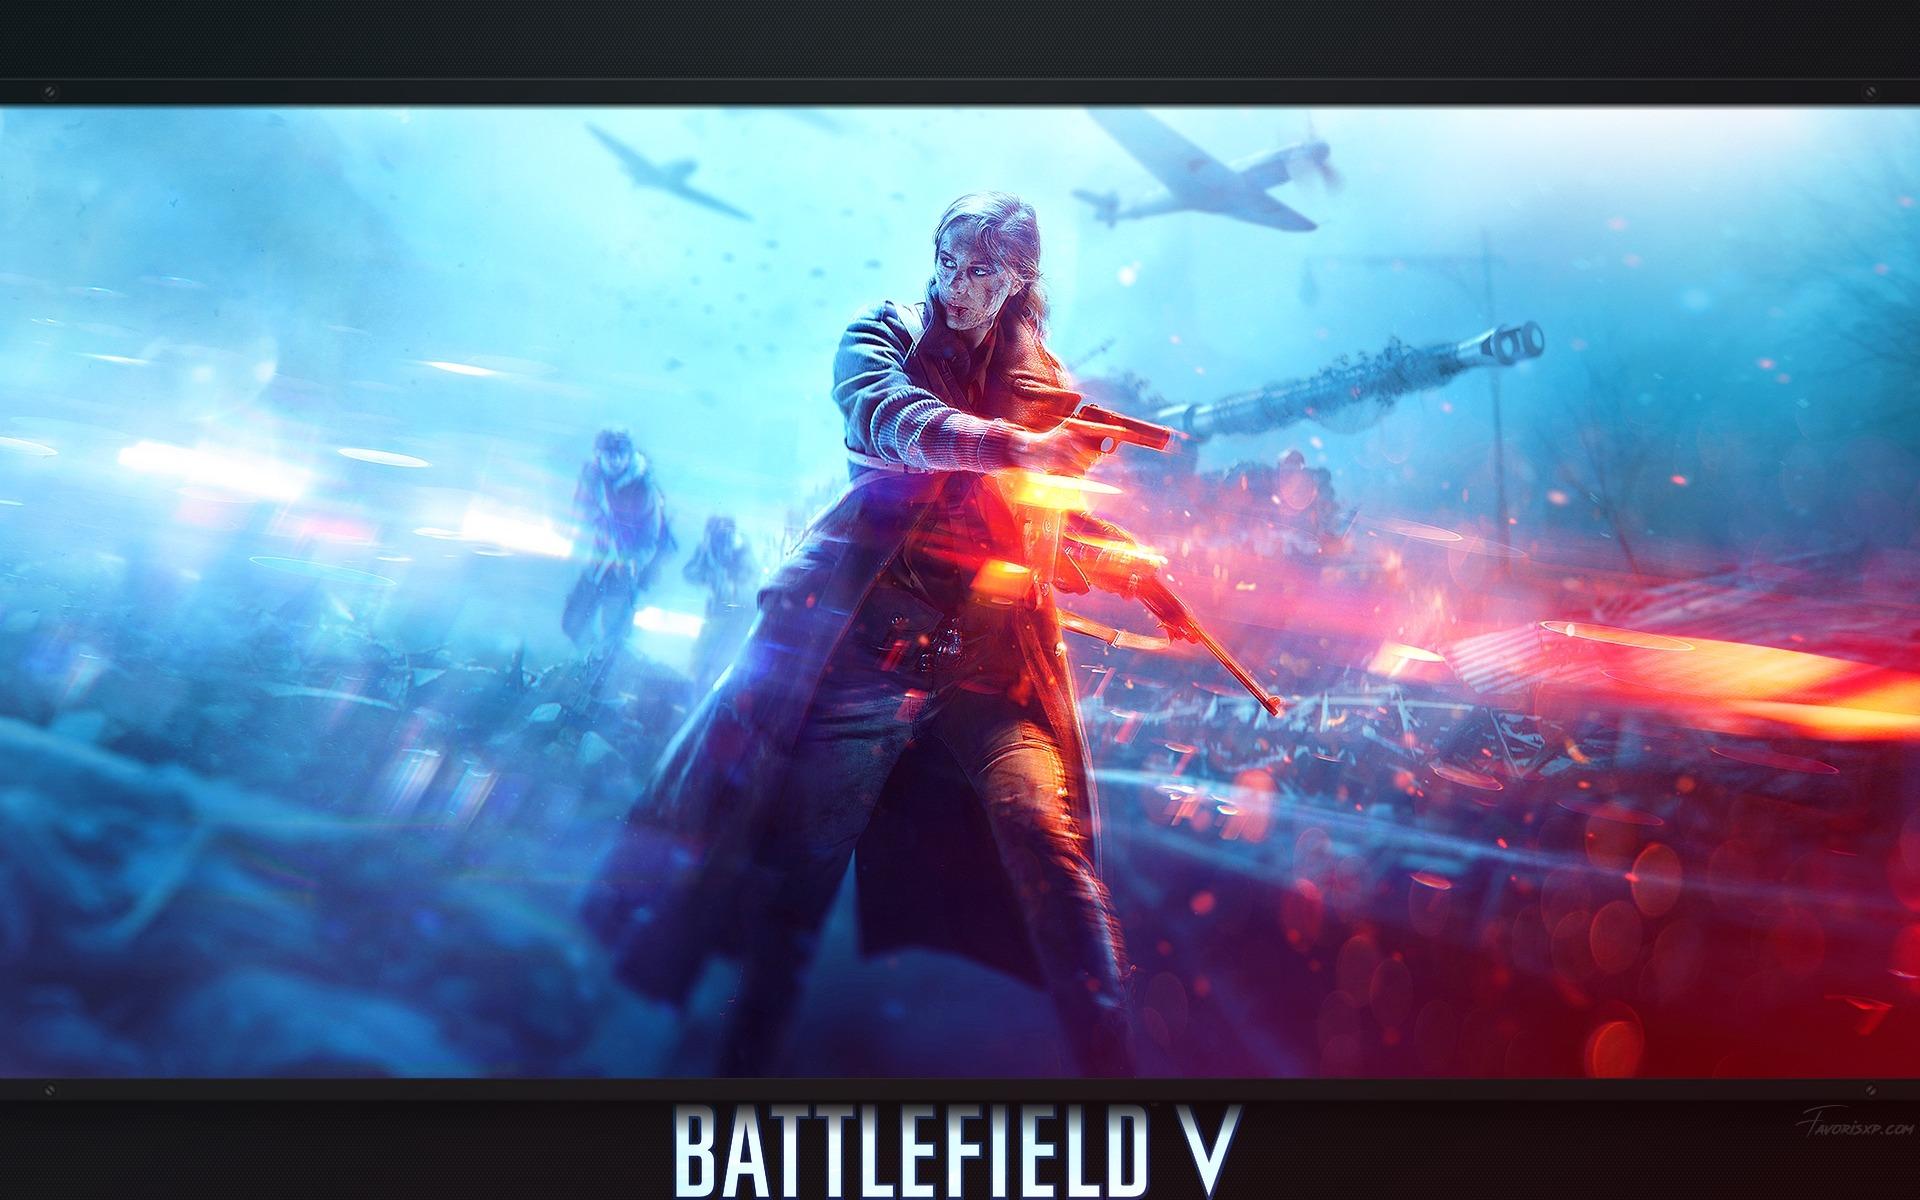 Battlefield 4 Full Hd Fond D écran And Arrière Plan: FAVORISXP Fonds D'écran HD Gratuits Pour Ordinateur